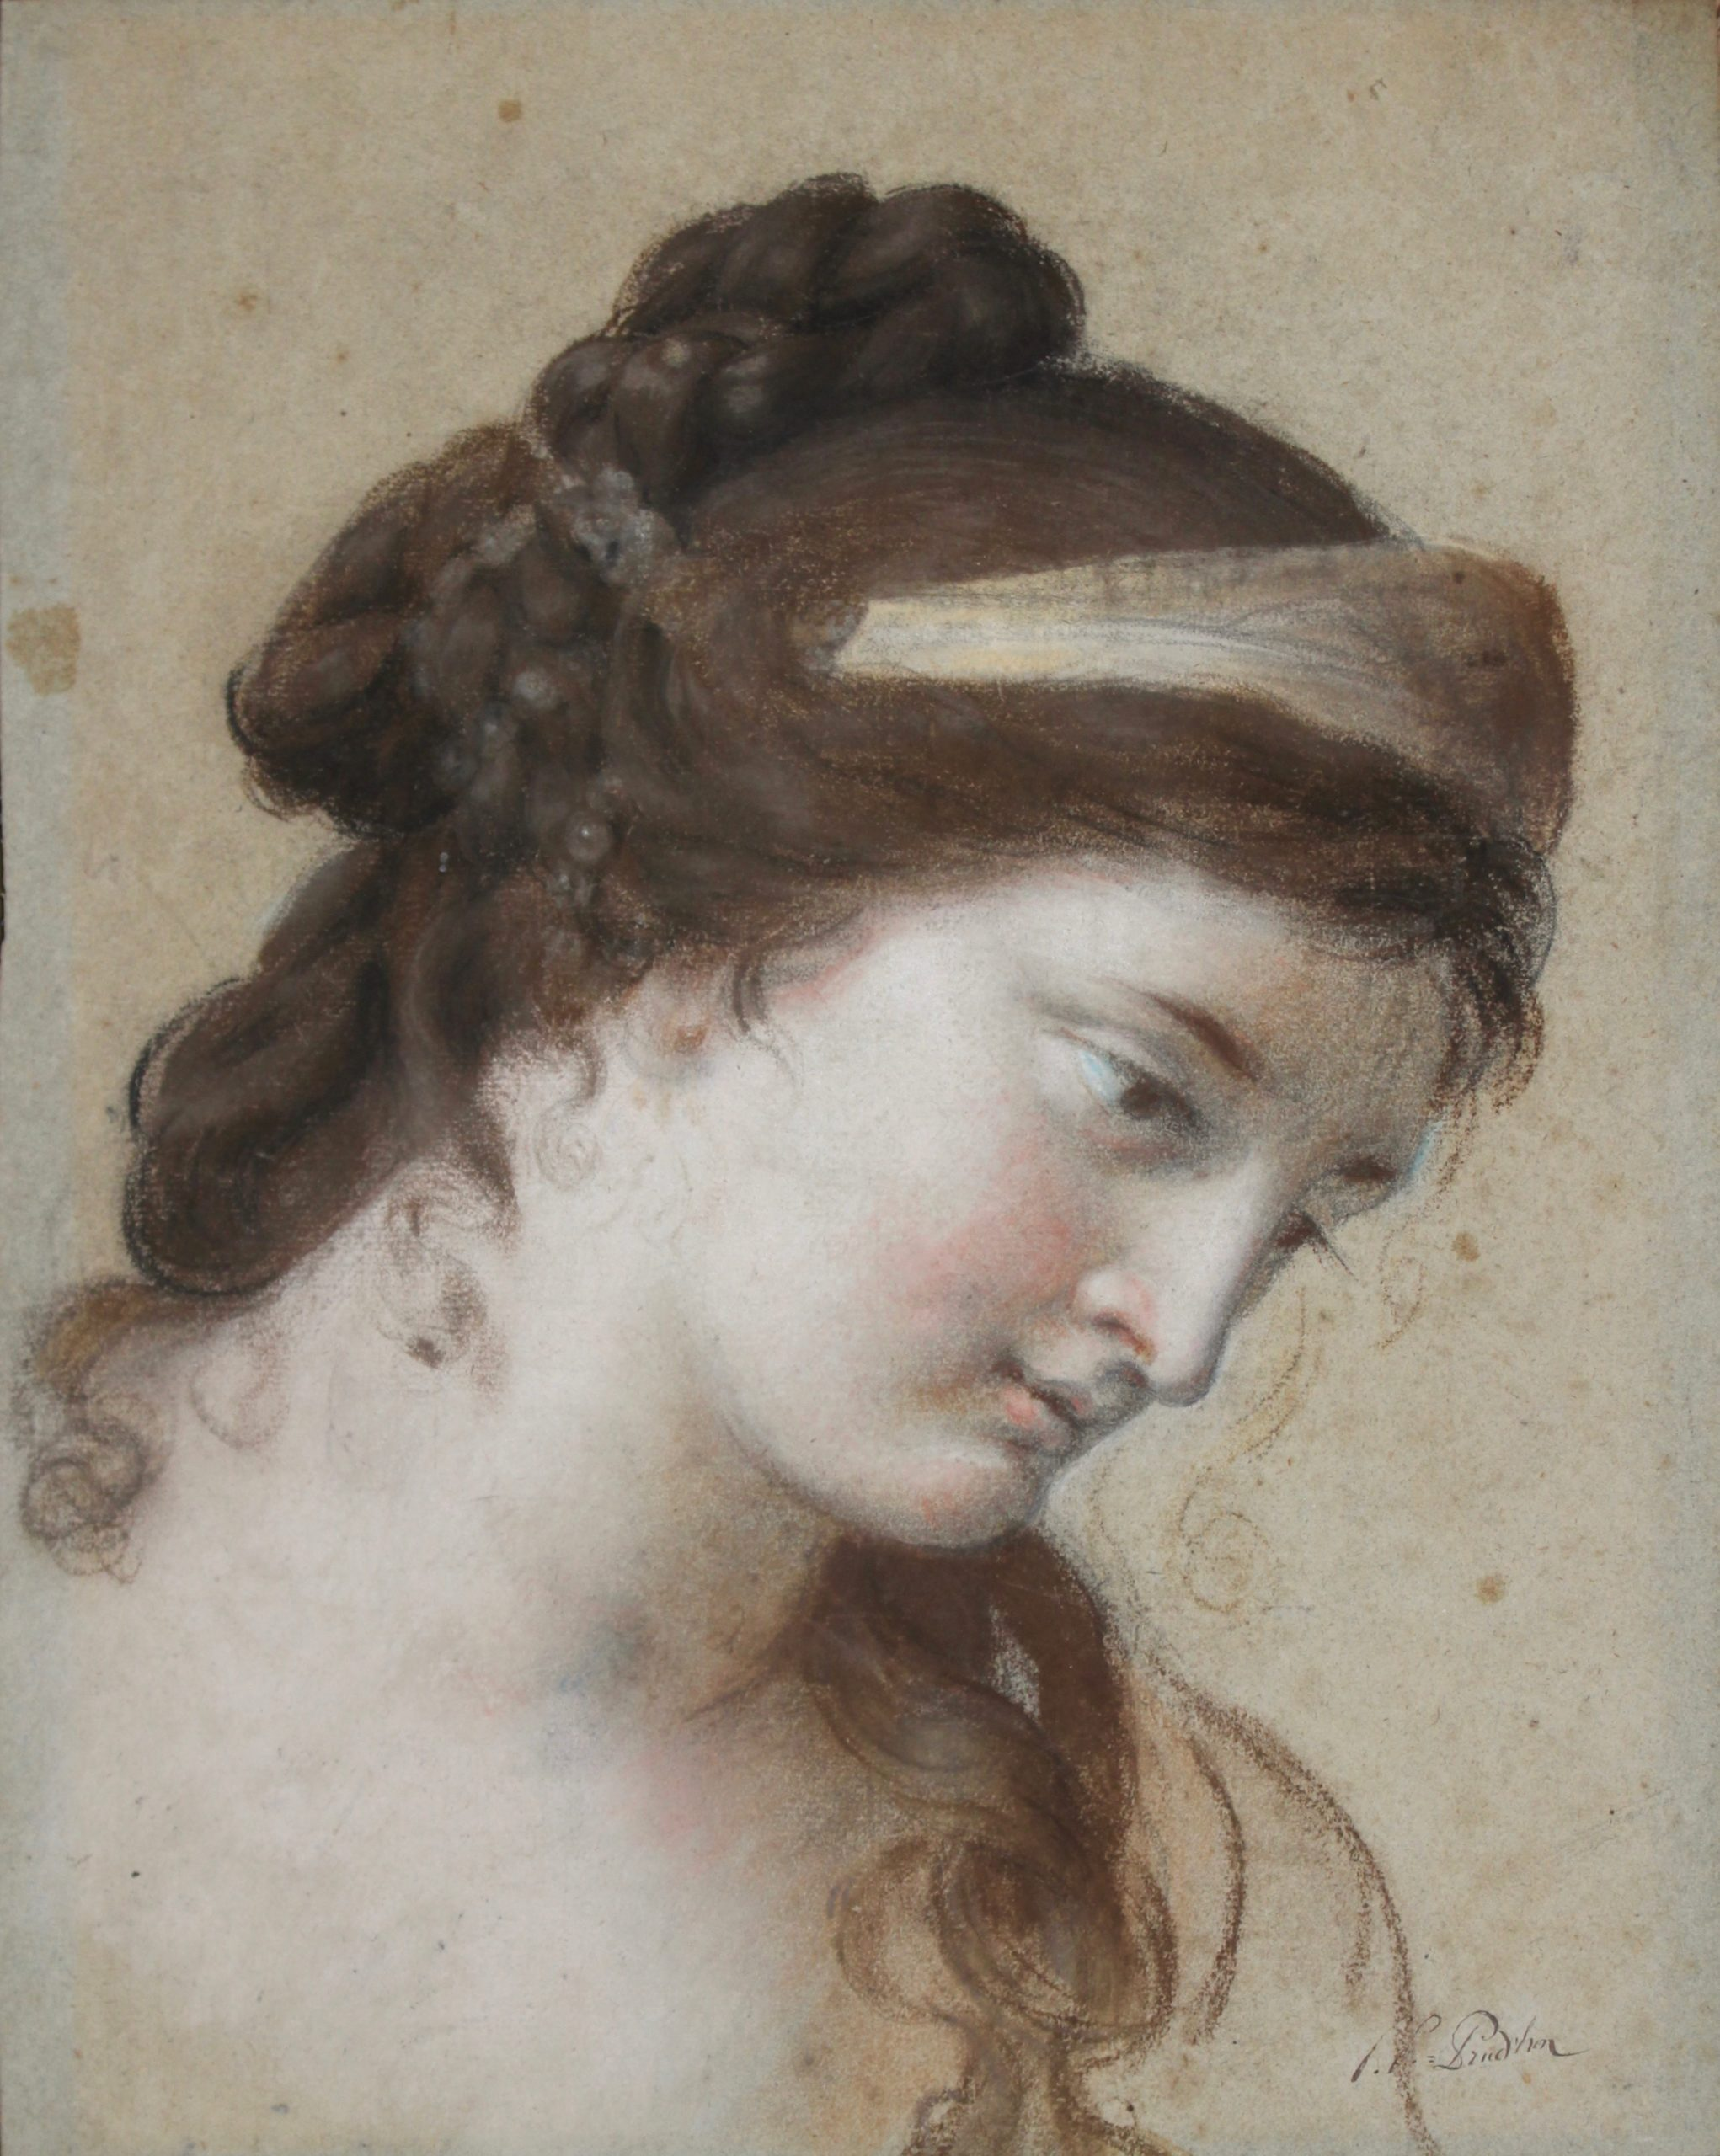 Elisabeth VIGEE-LEBRUN (1755 – 1842) Junon Pierre noire et pastel sur papier anciennement bleu 41×33 cm Annoté « PP Prudhon » en bas à droite Provenance: collection particulière, Paris. Au dos du carton de fond, annotation « Acheté en 1864 par mon père, 40+ » Etude préparatoire pour la figure de Junon dans le tableau tableau peint en 1781 Junon demandant à Vénus de lui prêter sa ceinture magique, exposé au Salon de 1783 DE BAYSER